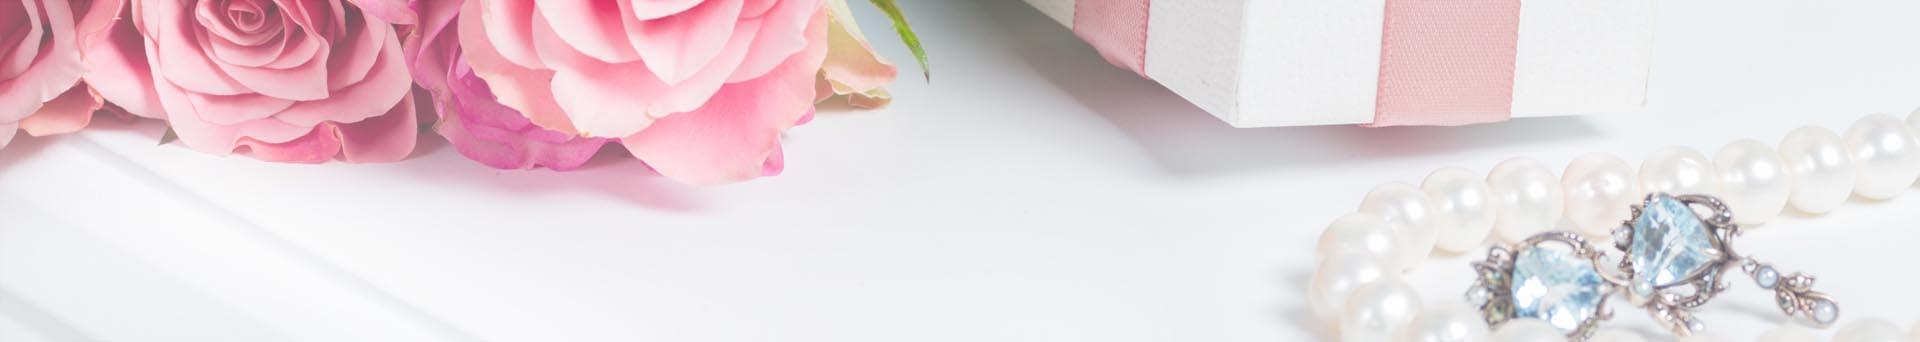 prezent z różową wstążką, biżuteria i róże